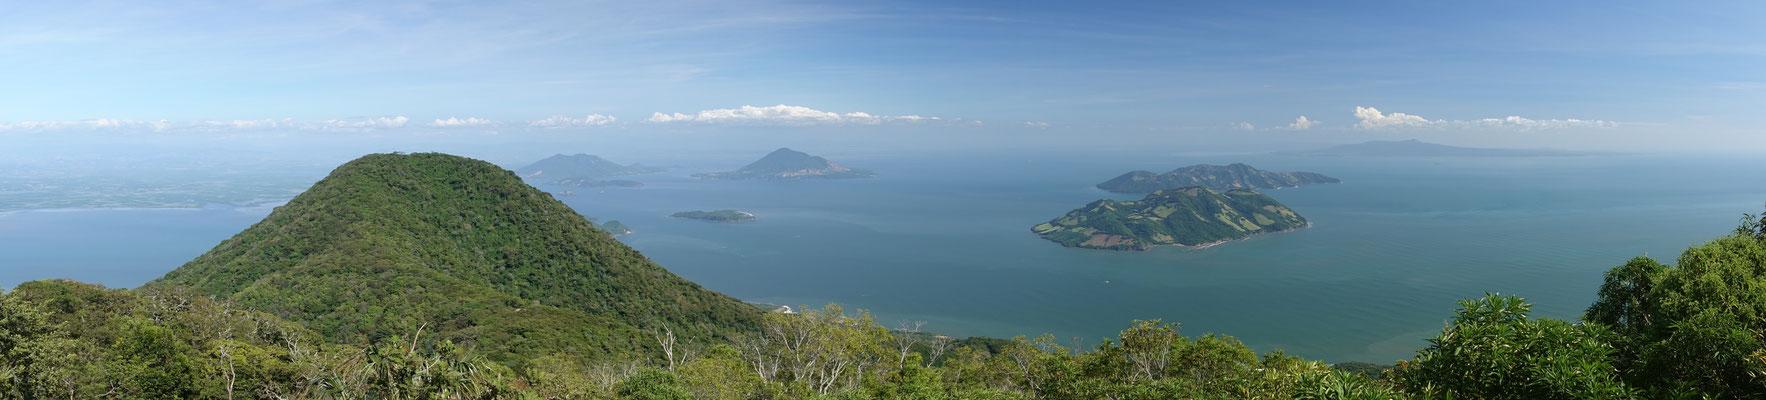 Aussicht vom Conchagua über die Vulkaninseln nach Honduras